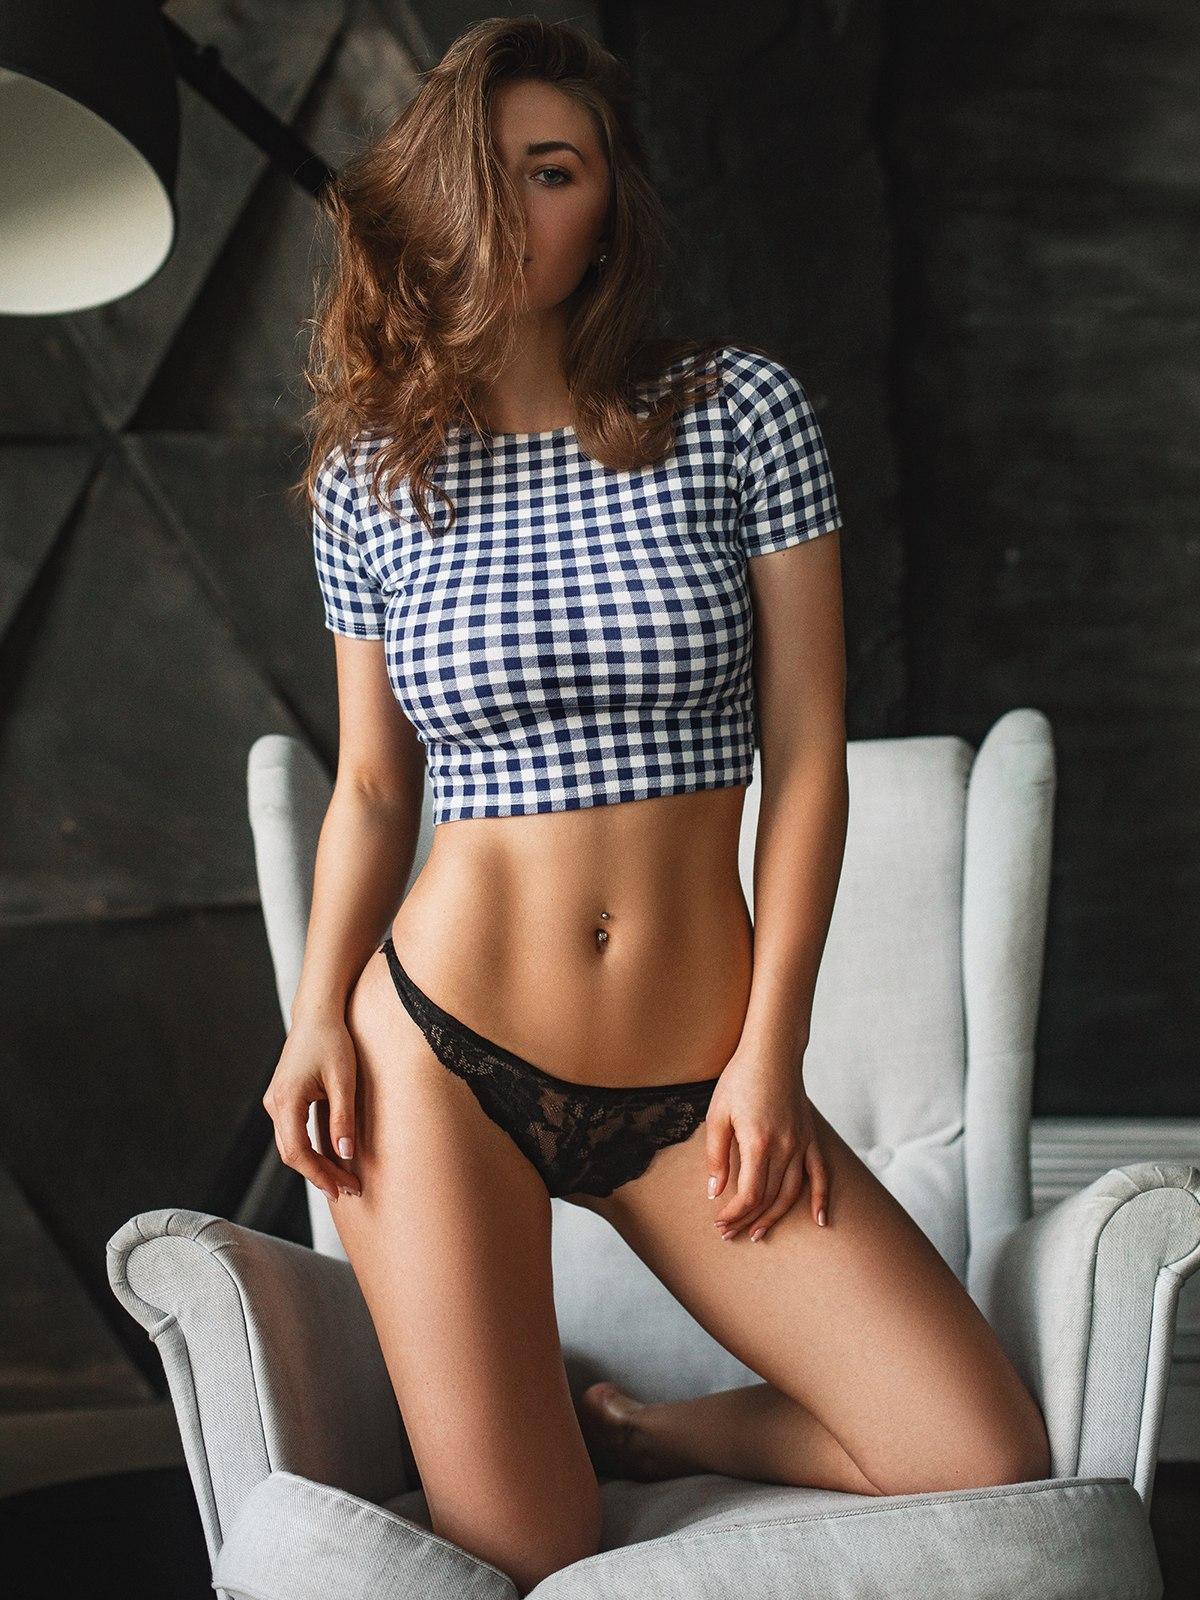 Viktoria Ostapova